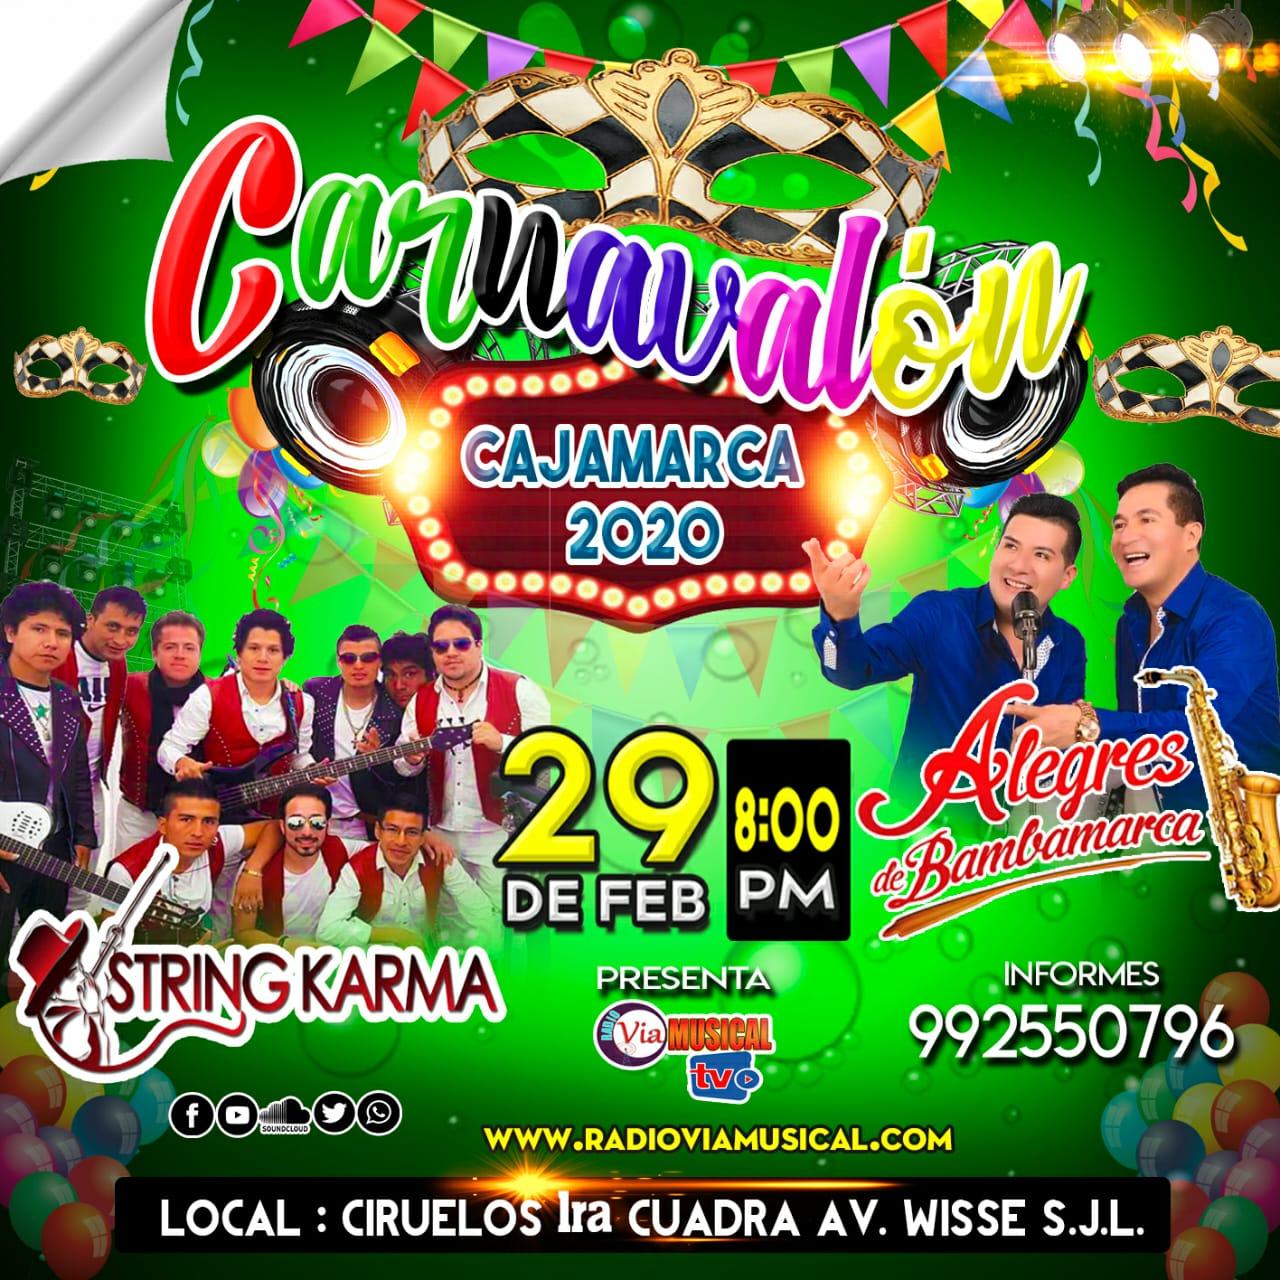 CARNAVALON CAJAMARQUINO EN  LOS CIRUELOS 29/02/2020